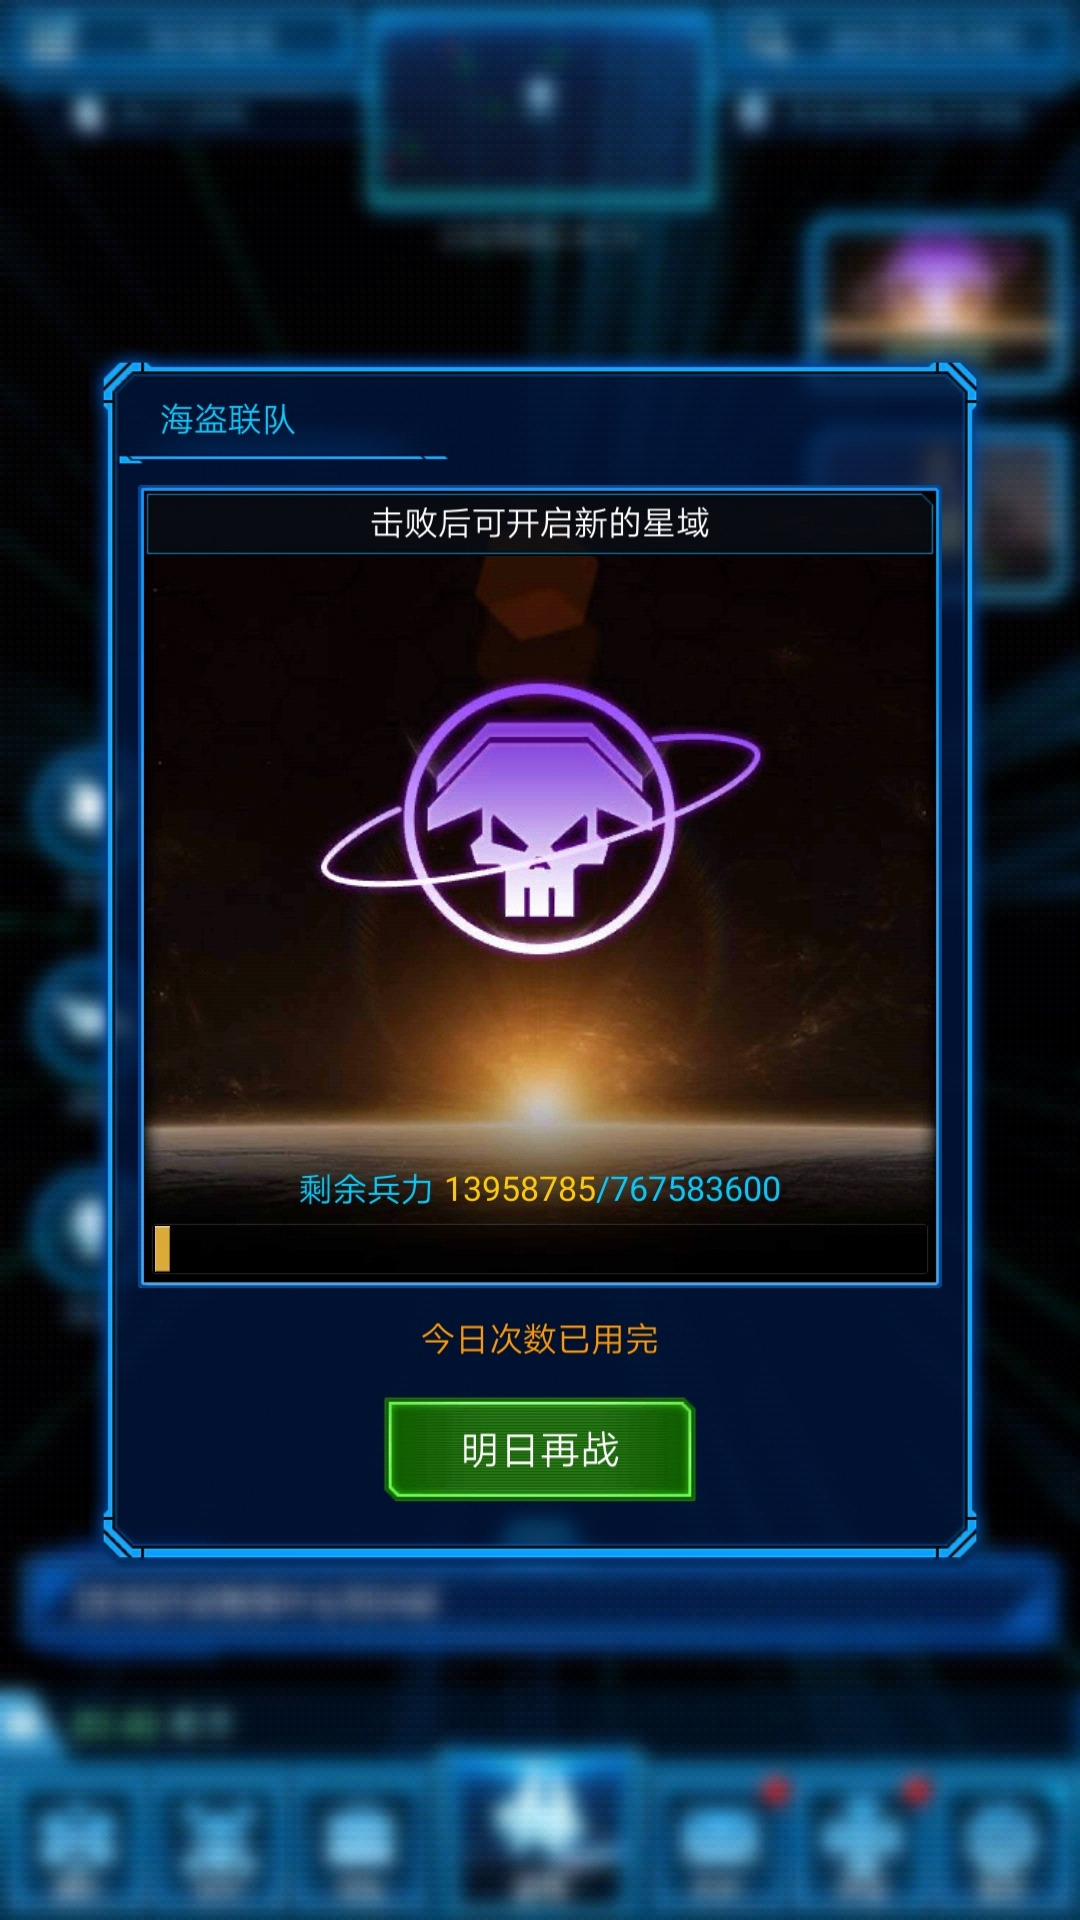 Screenshot_20180917-005947.jpg